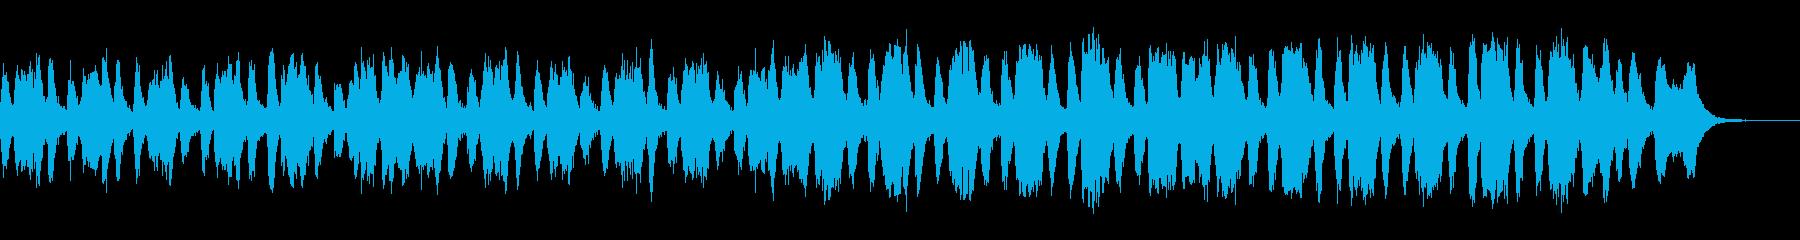 ハリウッド「逃げろ逃げろ」オーケストラの再生済みの波形